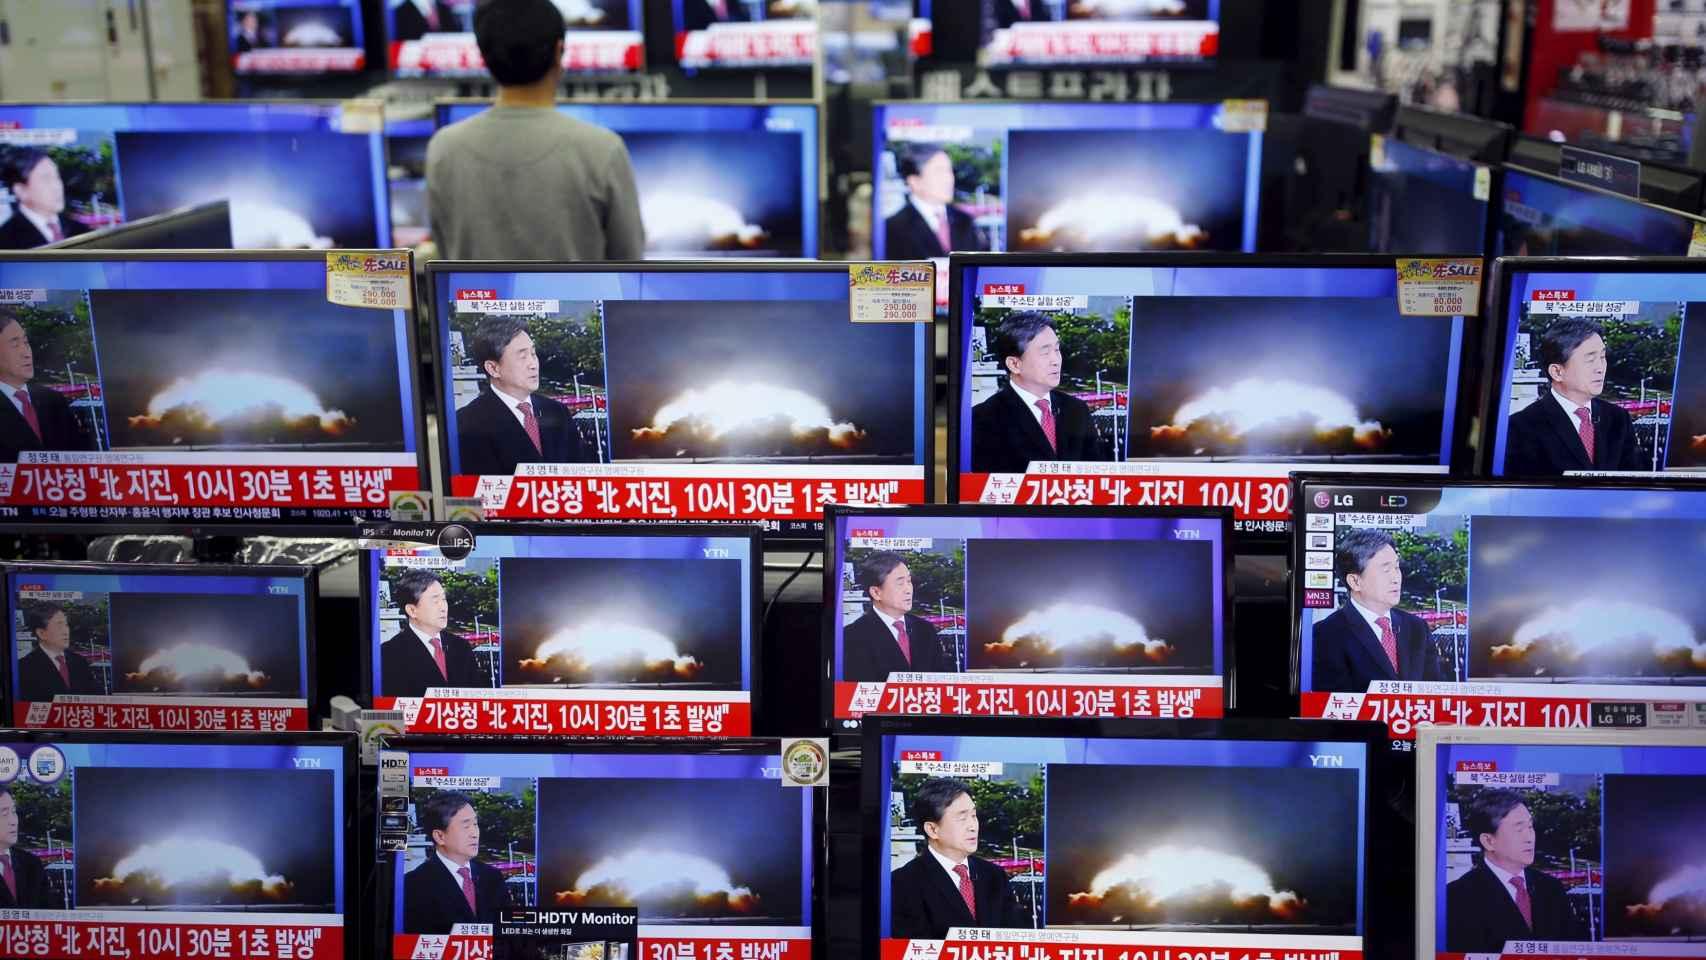 Una tienda de electrónica de Seúl muestra la cobertura del desafío nuclear de Corea del Norte